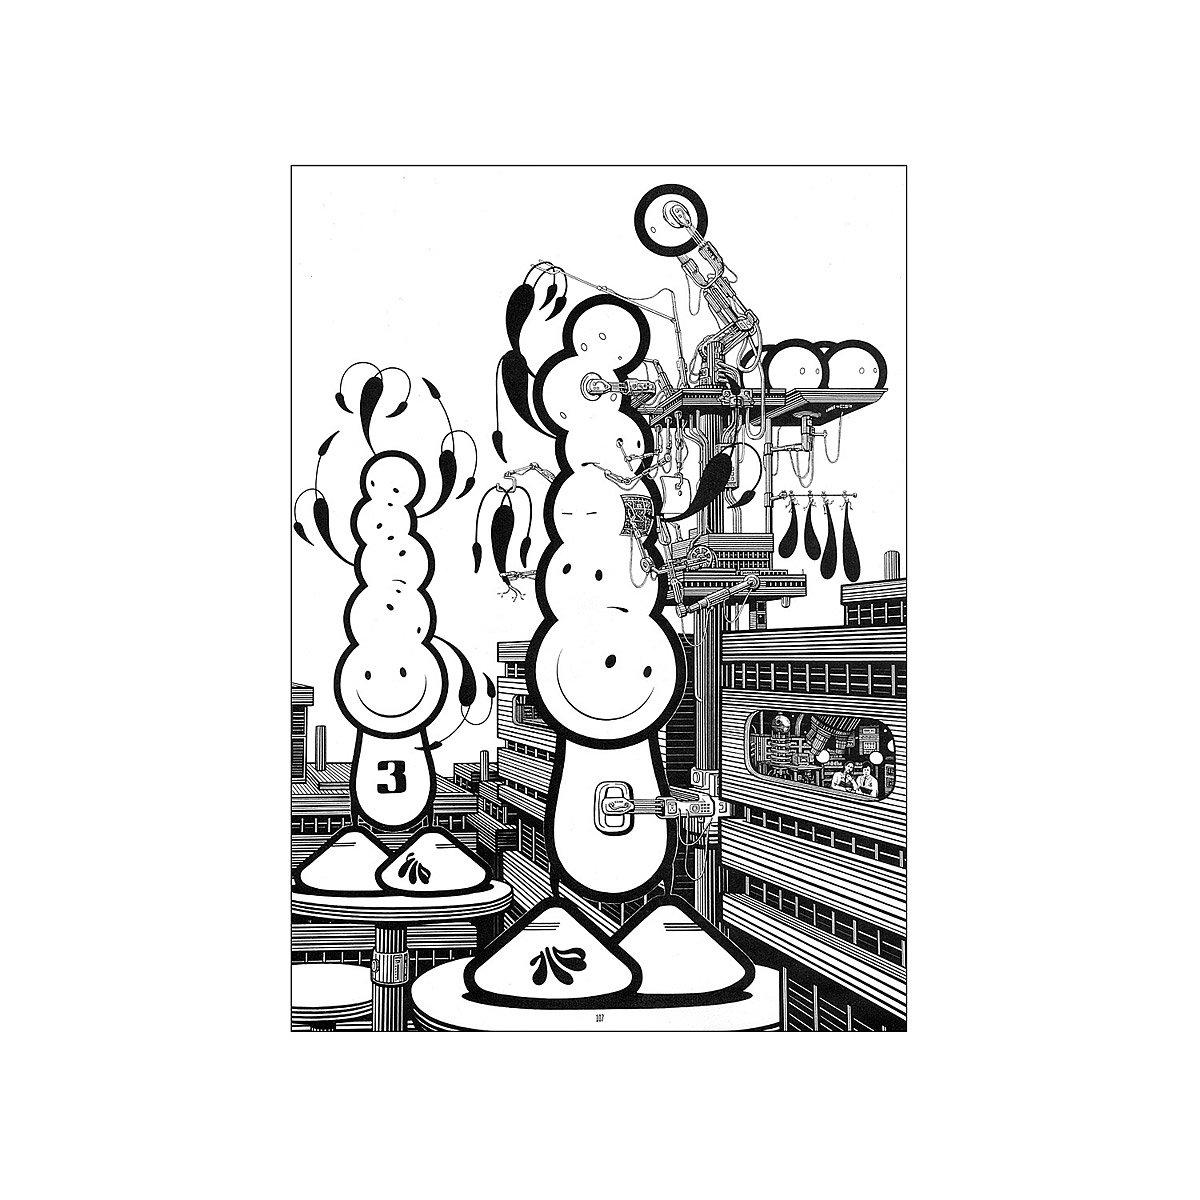 Generous Game Of Thrones Coloring Book Thin Harry Potter Coloring Books Clean Target Coloring Books Dog Coloring Book Old Ninja Turtle Coloring Book DarkShark Coloring Book Street Art Doodle Kit | Graffiti Coloring Book, Drawing, Fun, Game ..